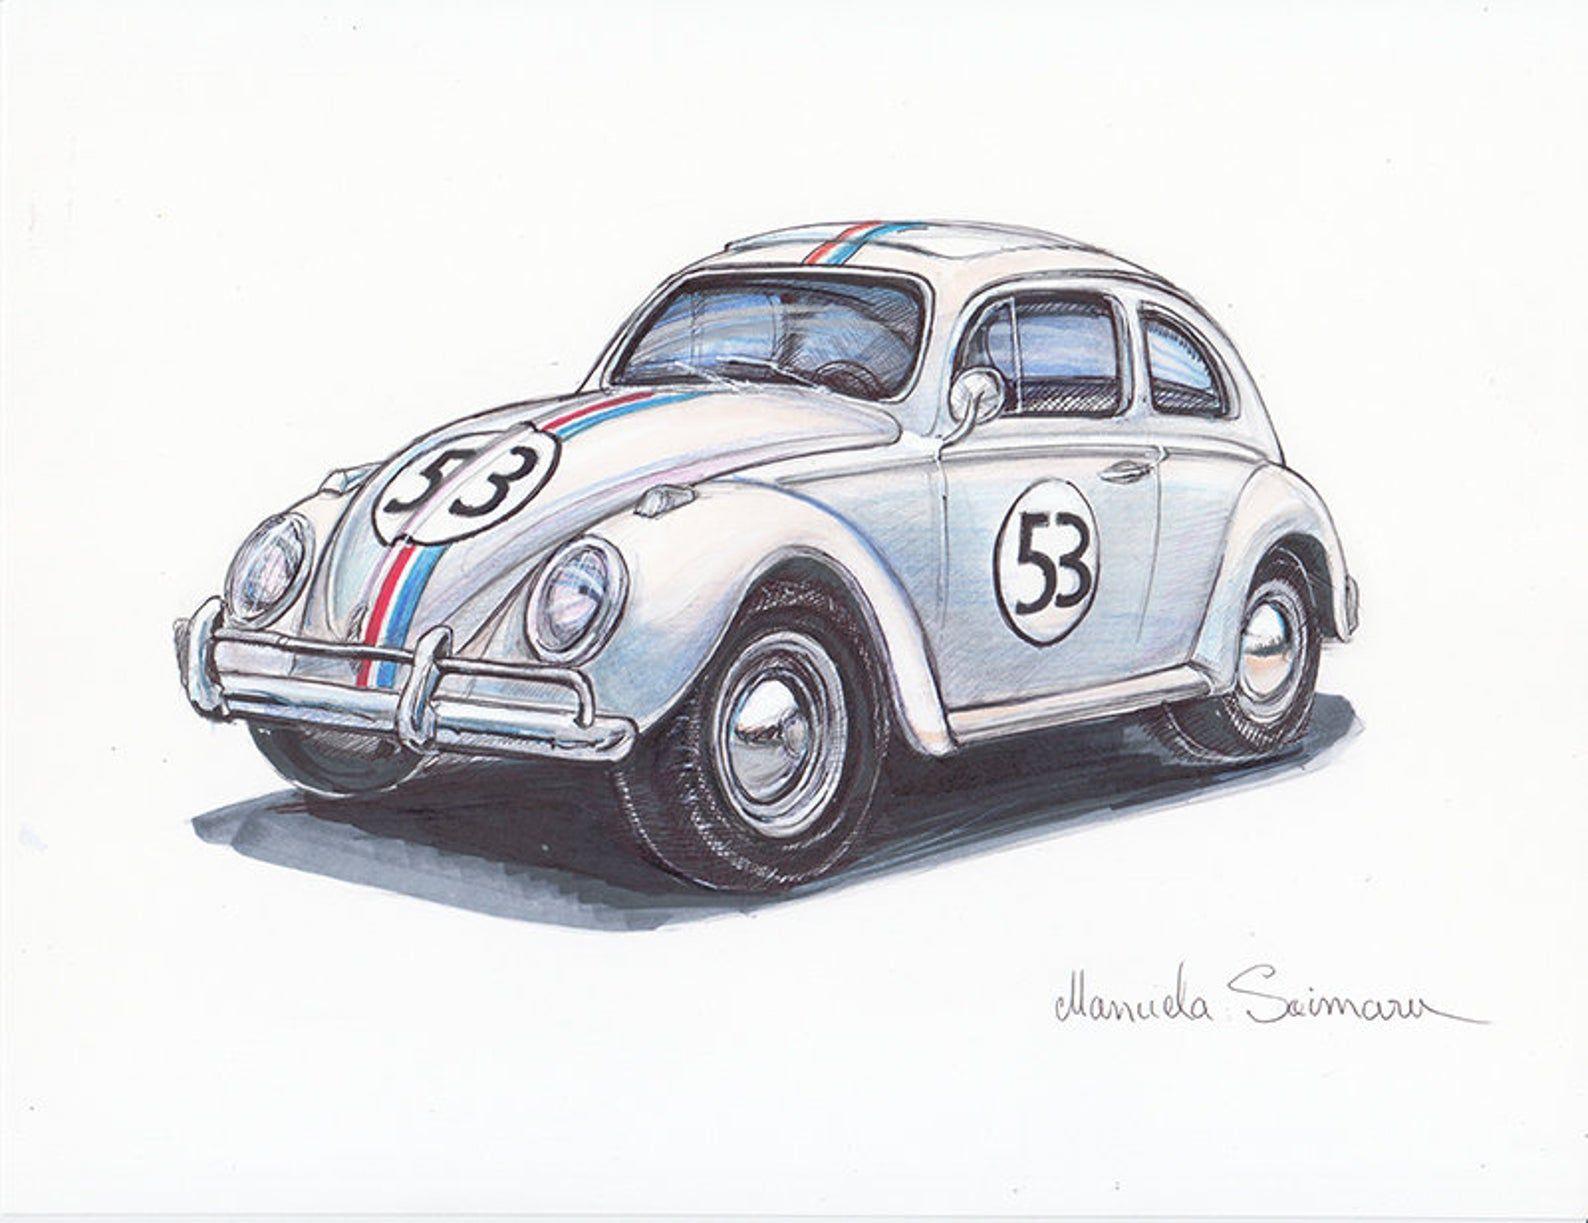 1963 Volkswagen Beetle Drawing Herbie Fully Loaded Art Print | Etsy